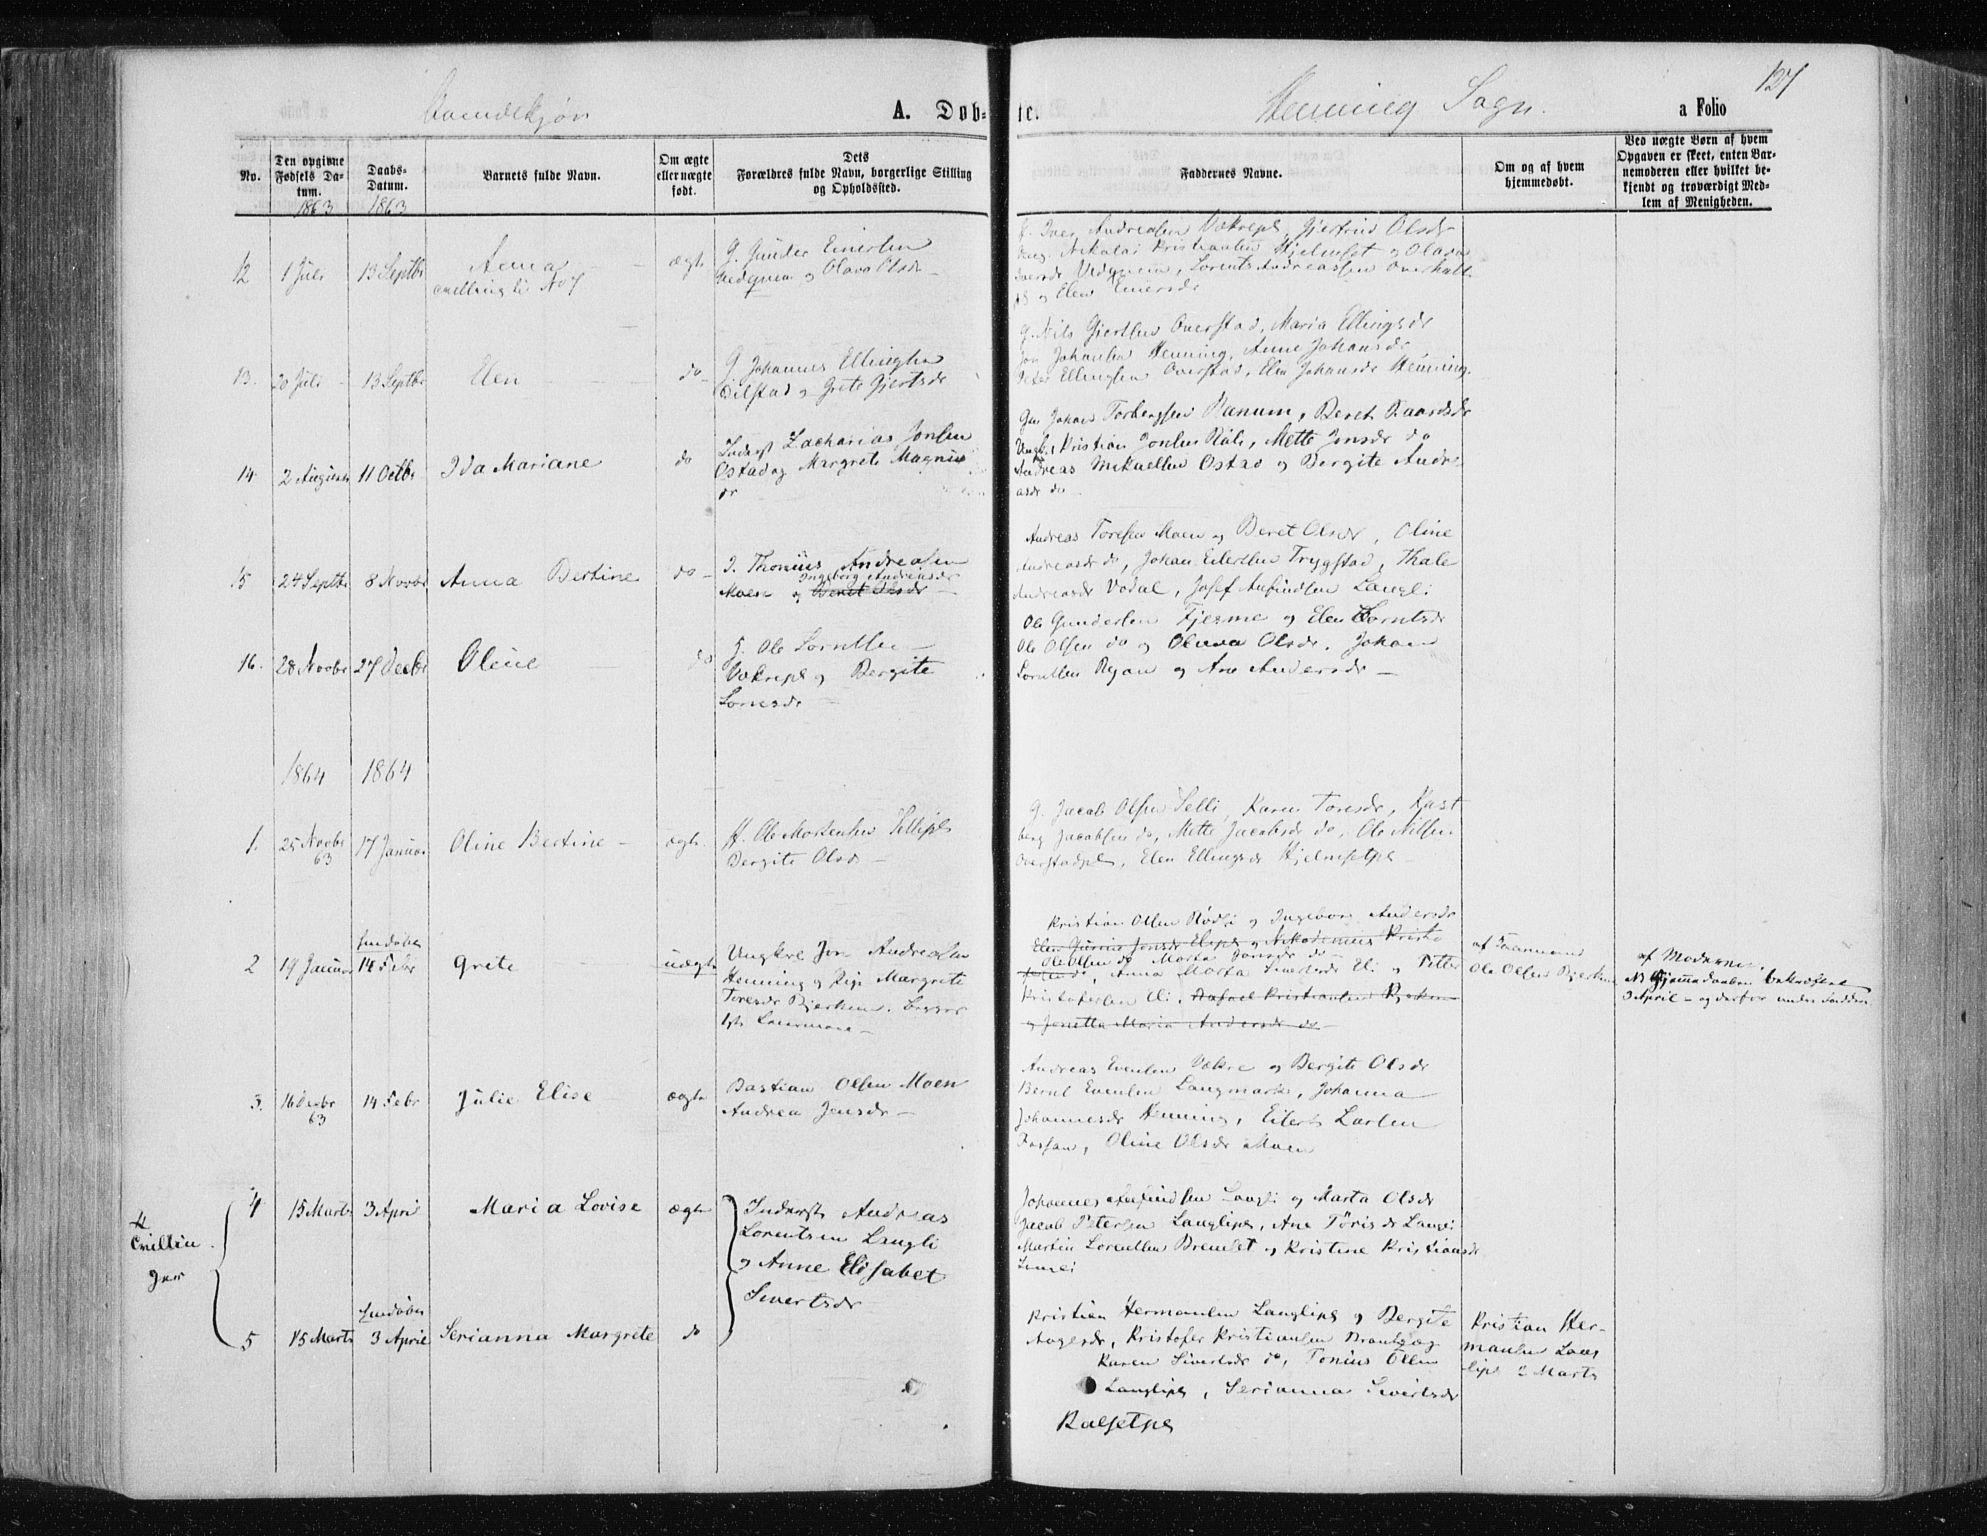 SAT, Ministerialprotokoller, klokkerbøker og fødselsregistre - Nord-Trøndelag, 735/L0345: Ministerialbok nr. 735A08 /3, 1863-1872, s. 127